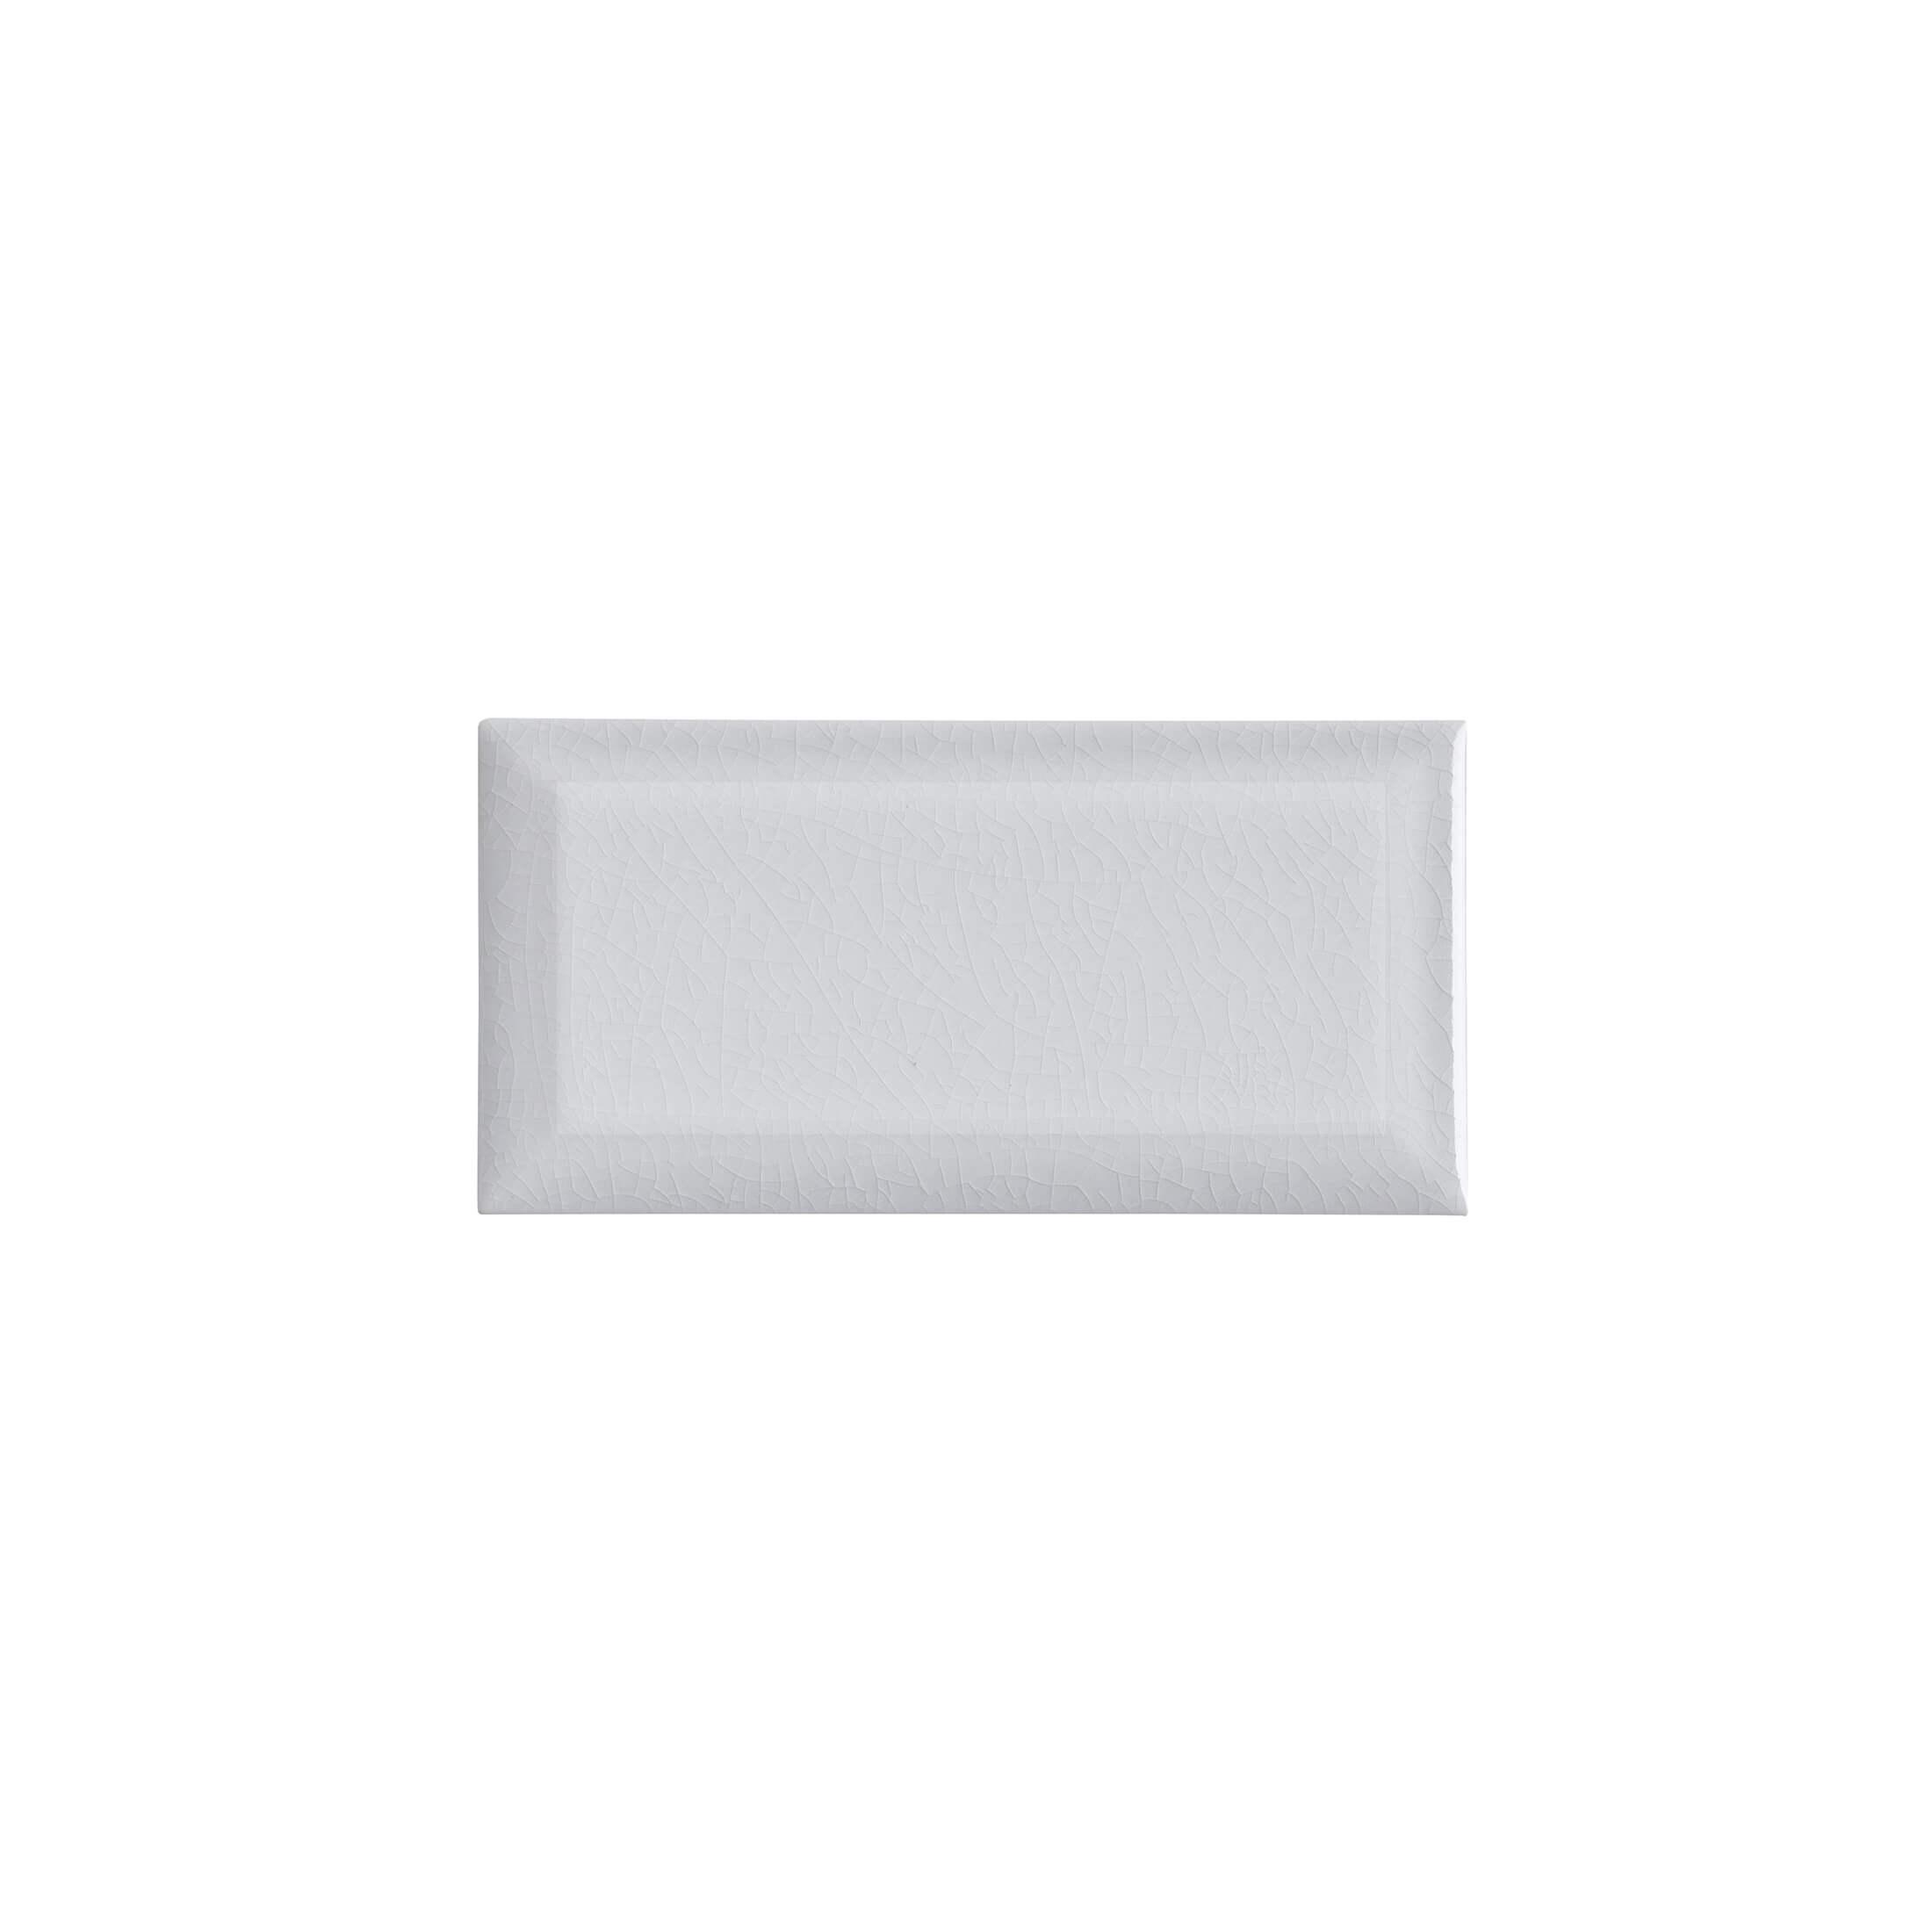 ADMO2045 - BISELADO PB C/C - 7.5 cm X 15 cm